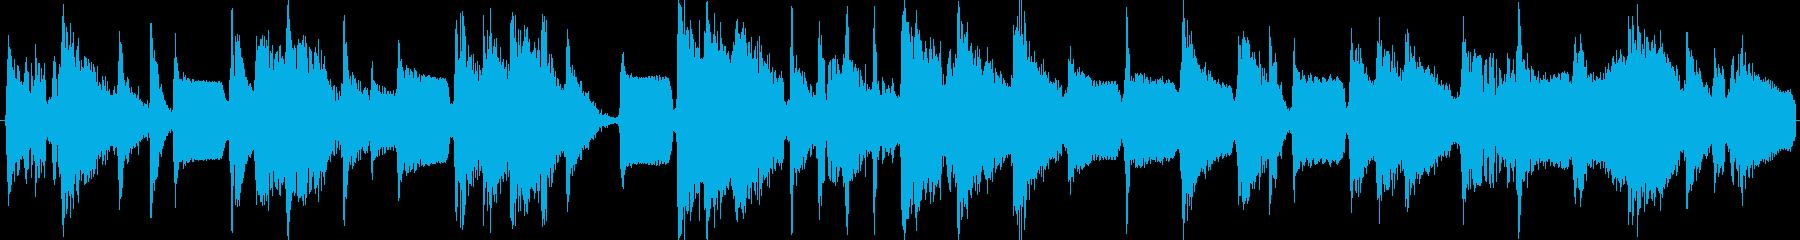 サイバーでデジタルな雰囲気の軽快テクノの再生済みの波形